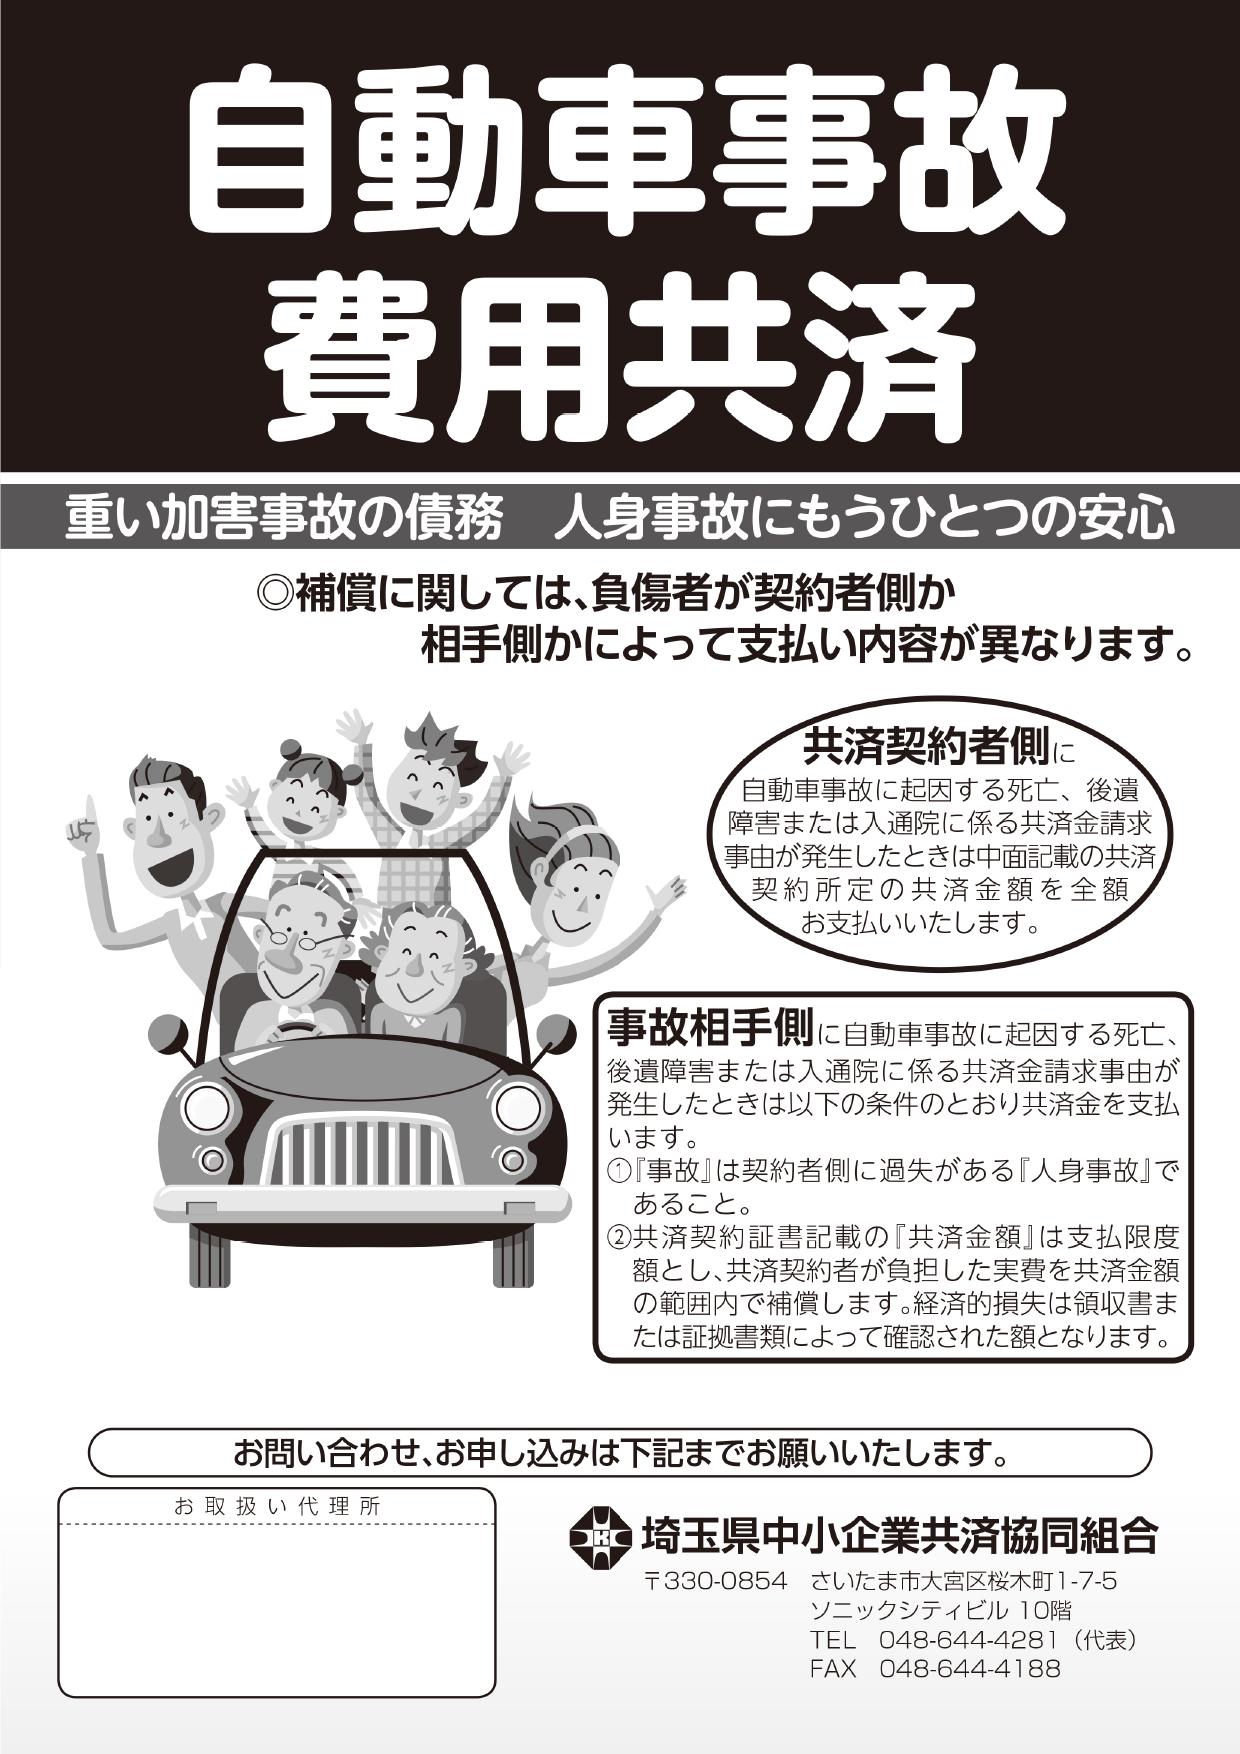 さいたま共済の自動車事故費用共済パンフレット